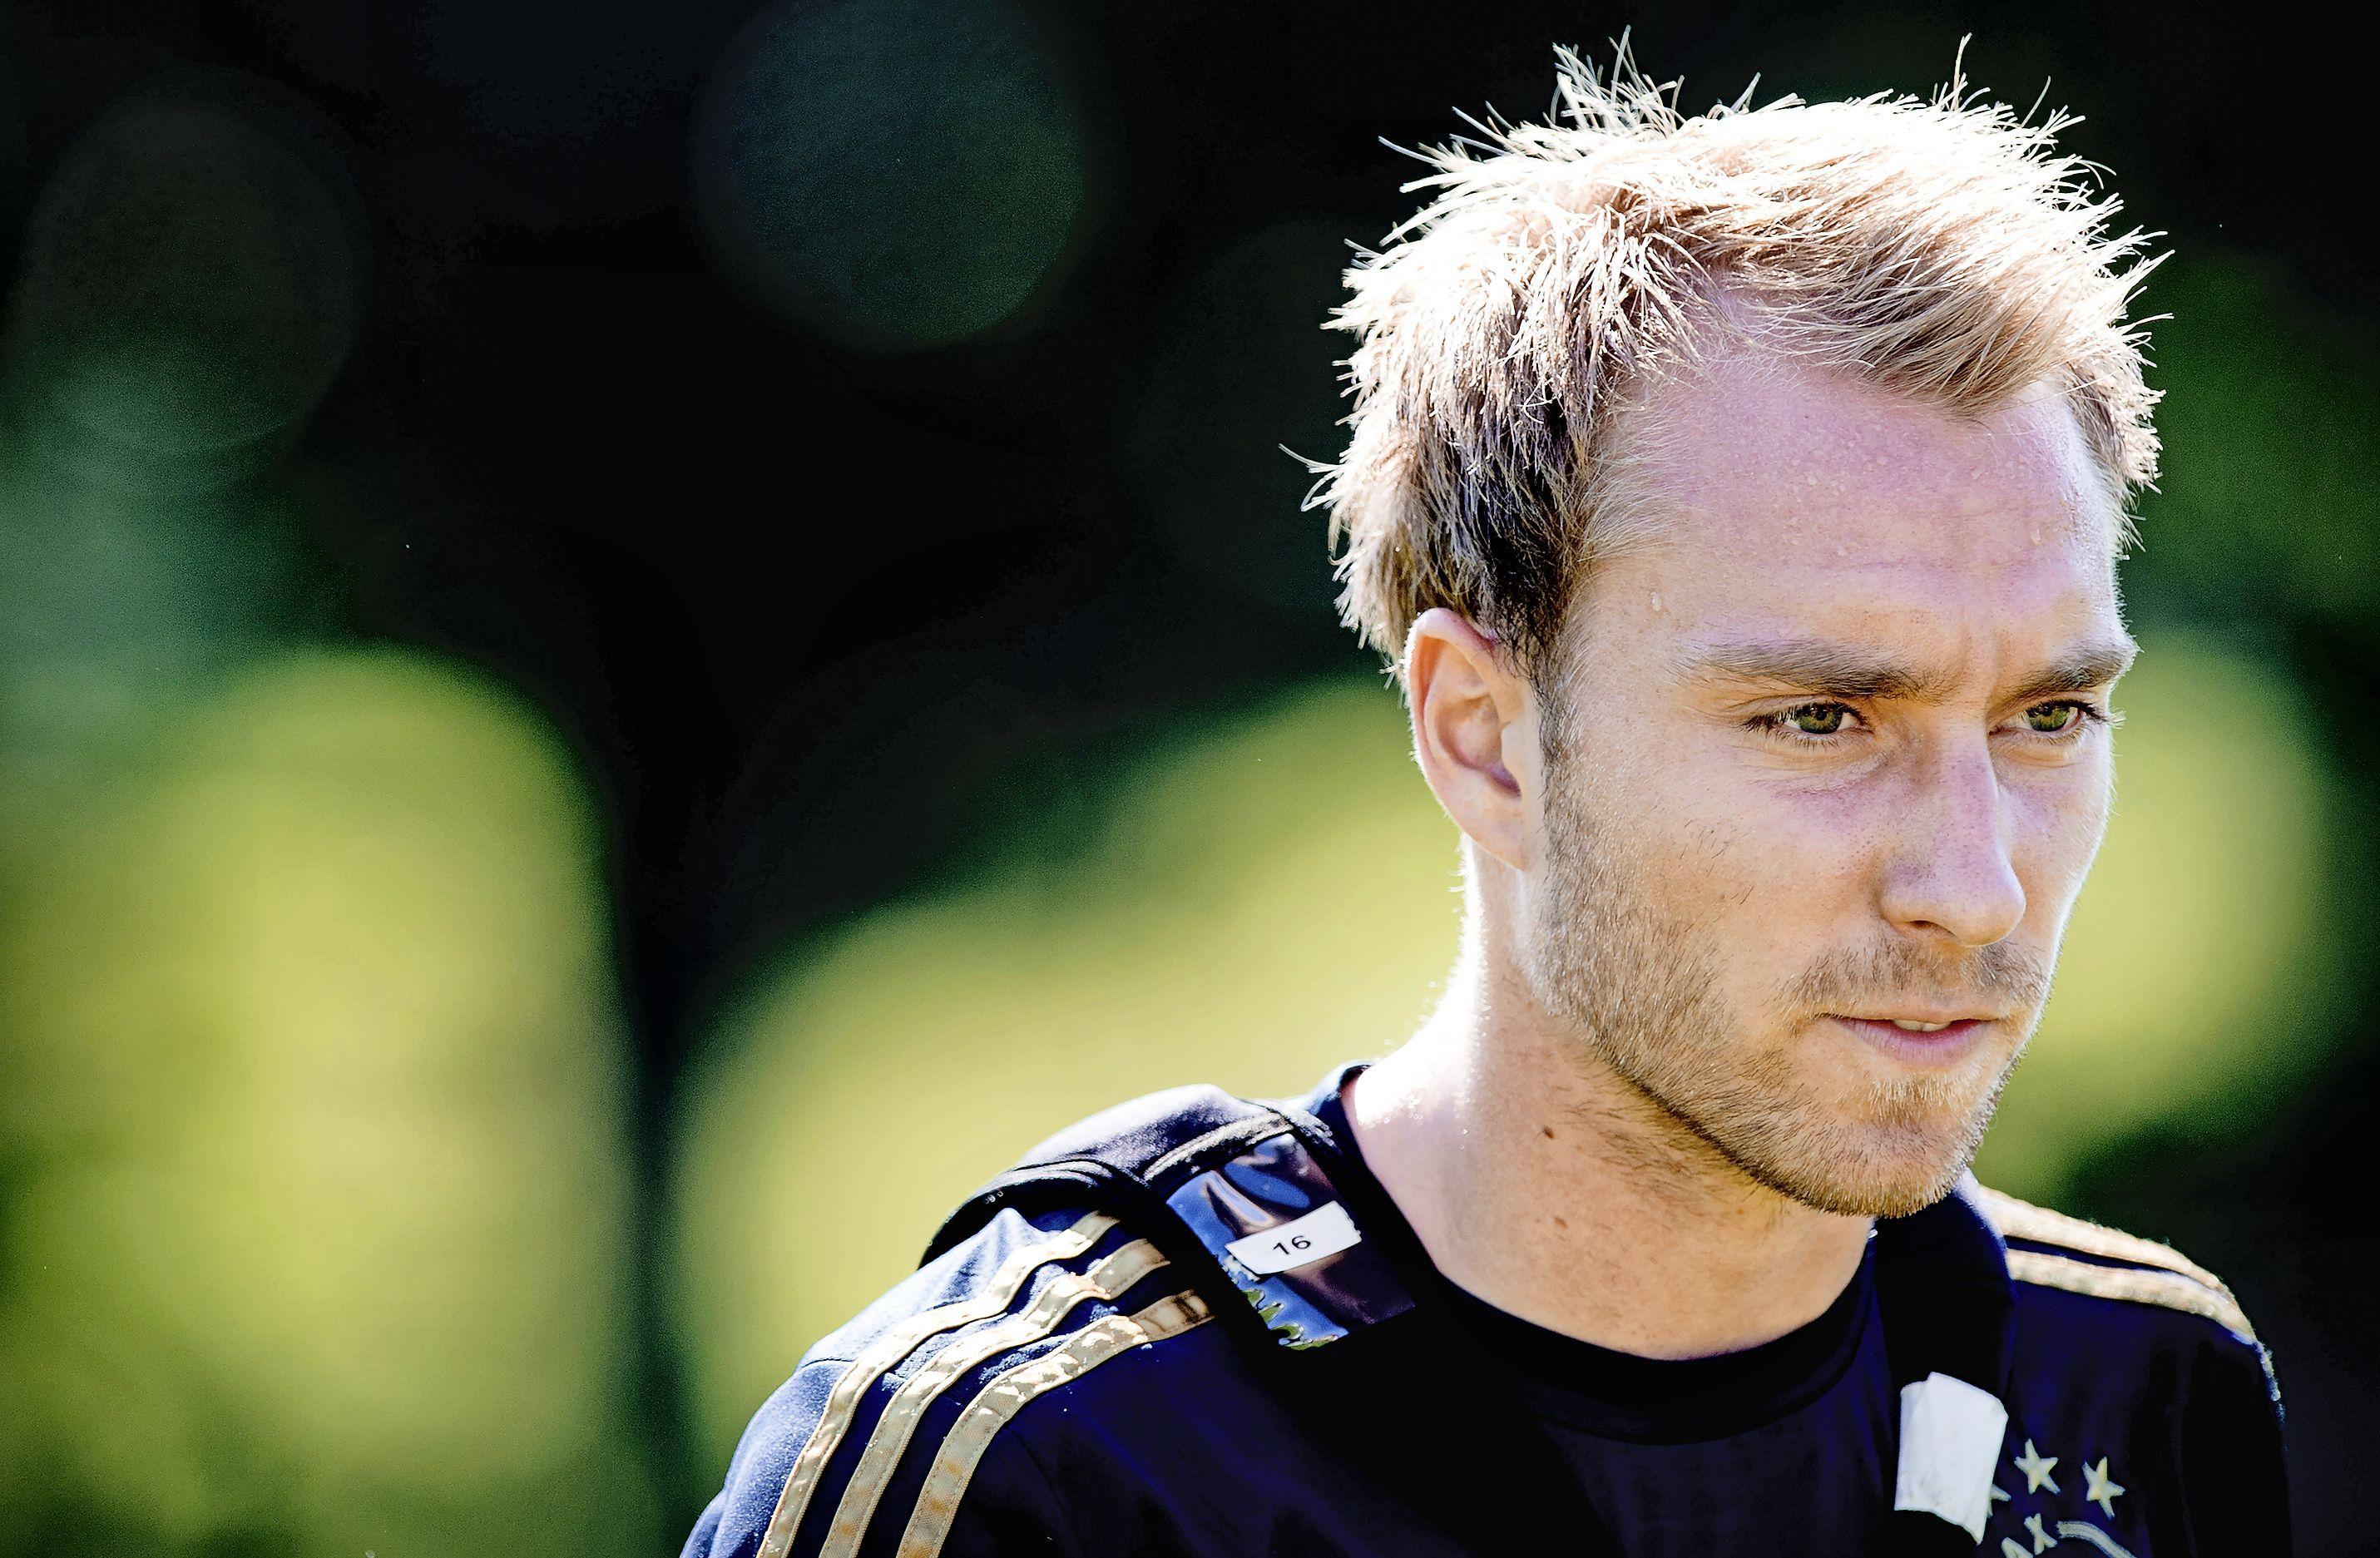 Deense voetballer Christian Eriksen (oud-Ajax) is bij kennis na reanimatie tijdens EK-wedstrijd